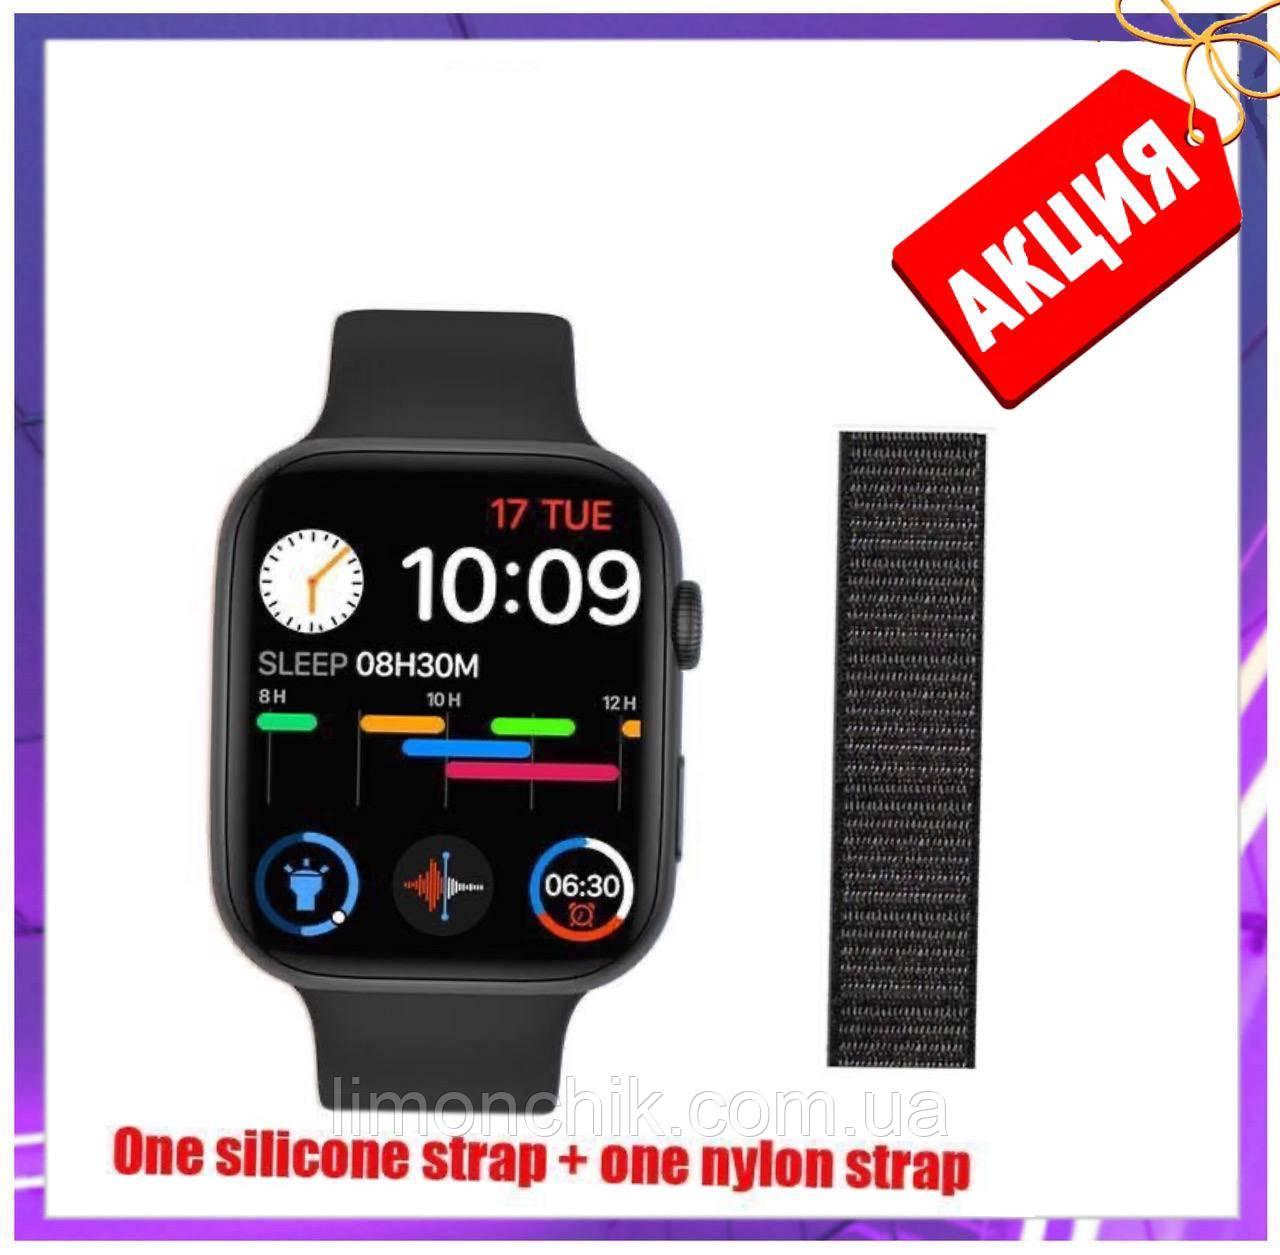 Розумні смарт годинник Smart Watch FK-88 сенсорні наручні пульсометр шагометр фітнес трекер чорні